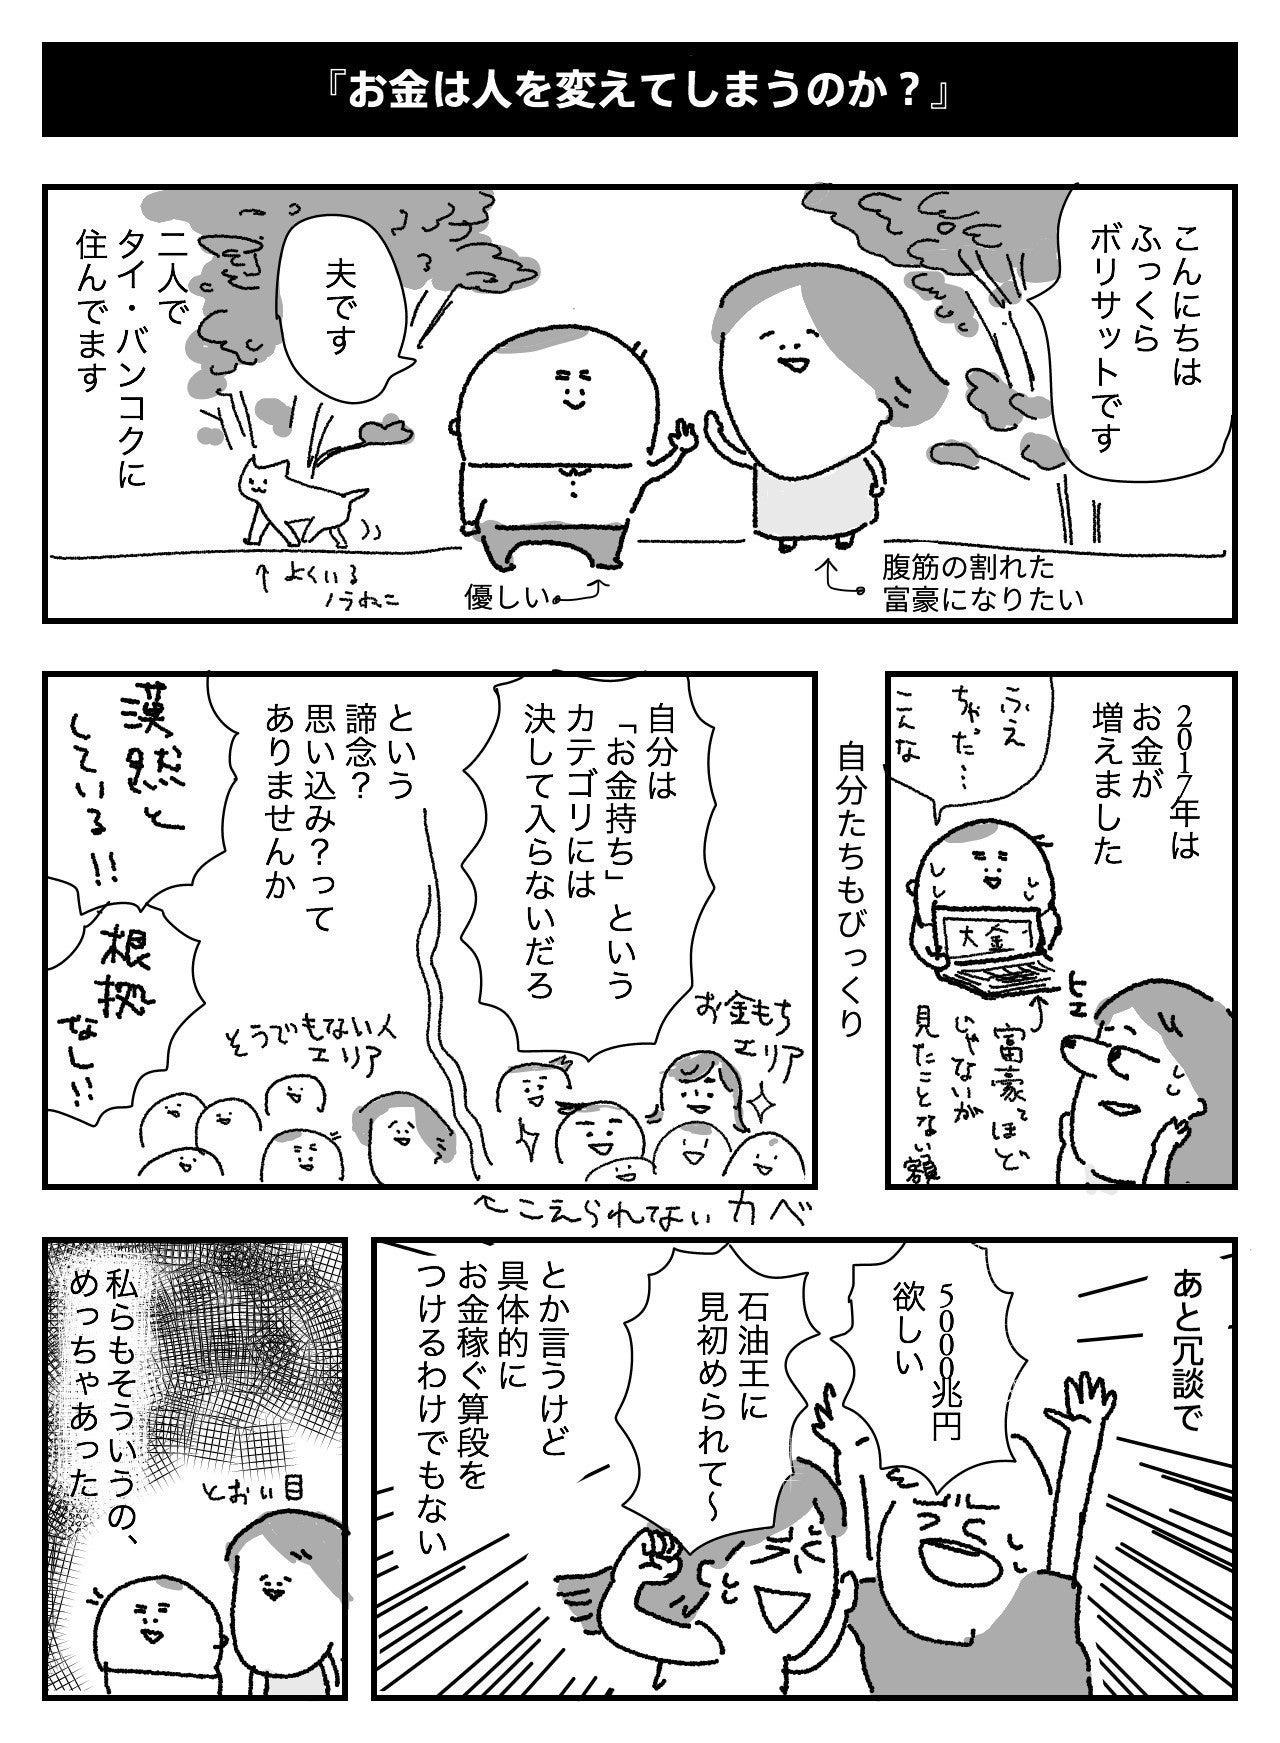 01_01作画